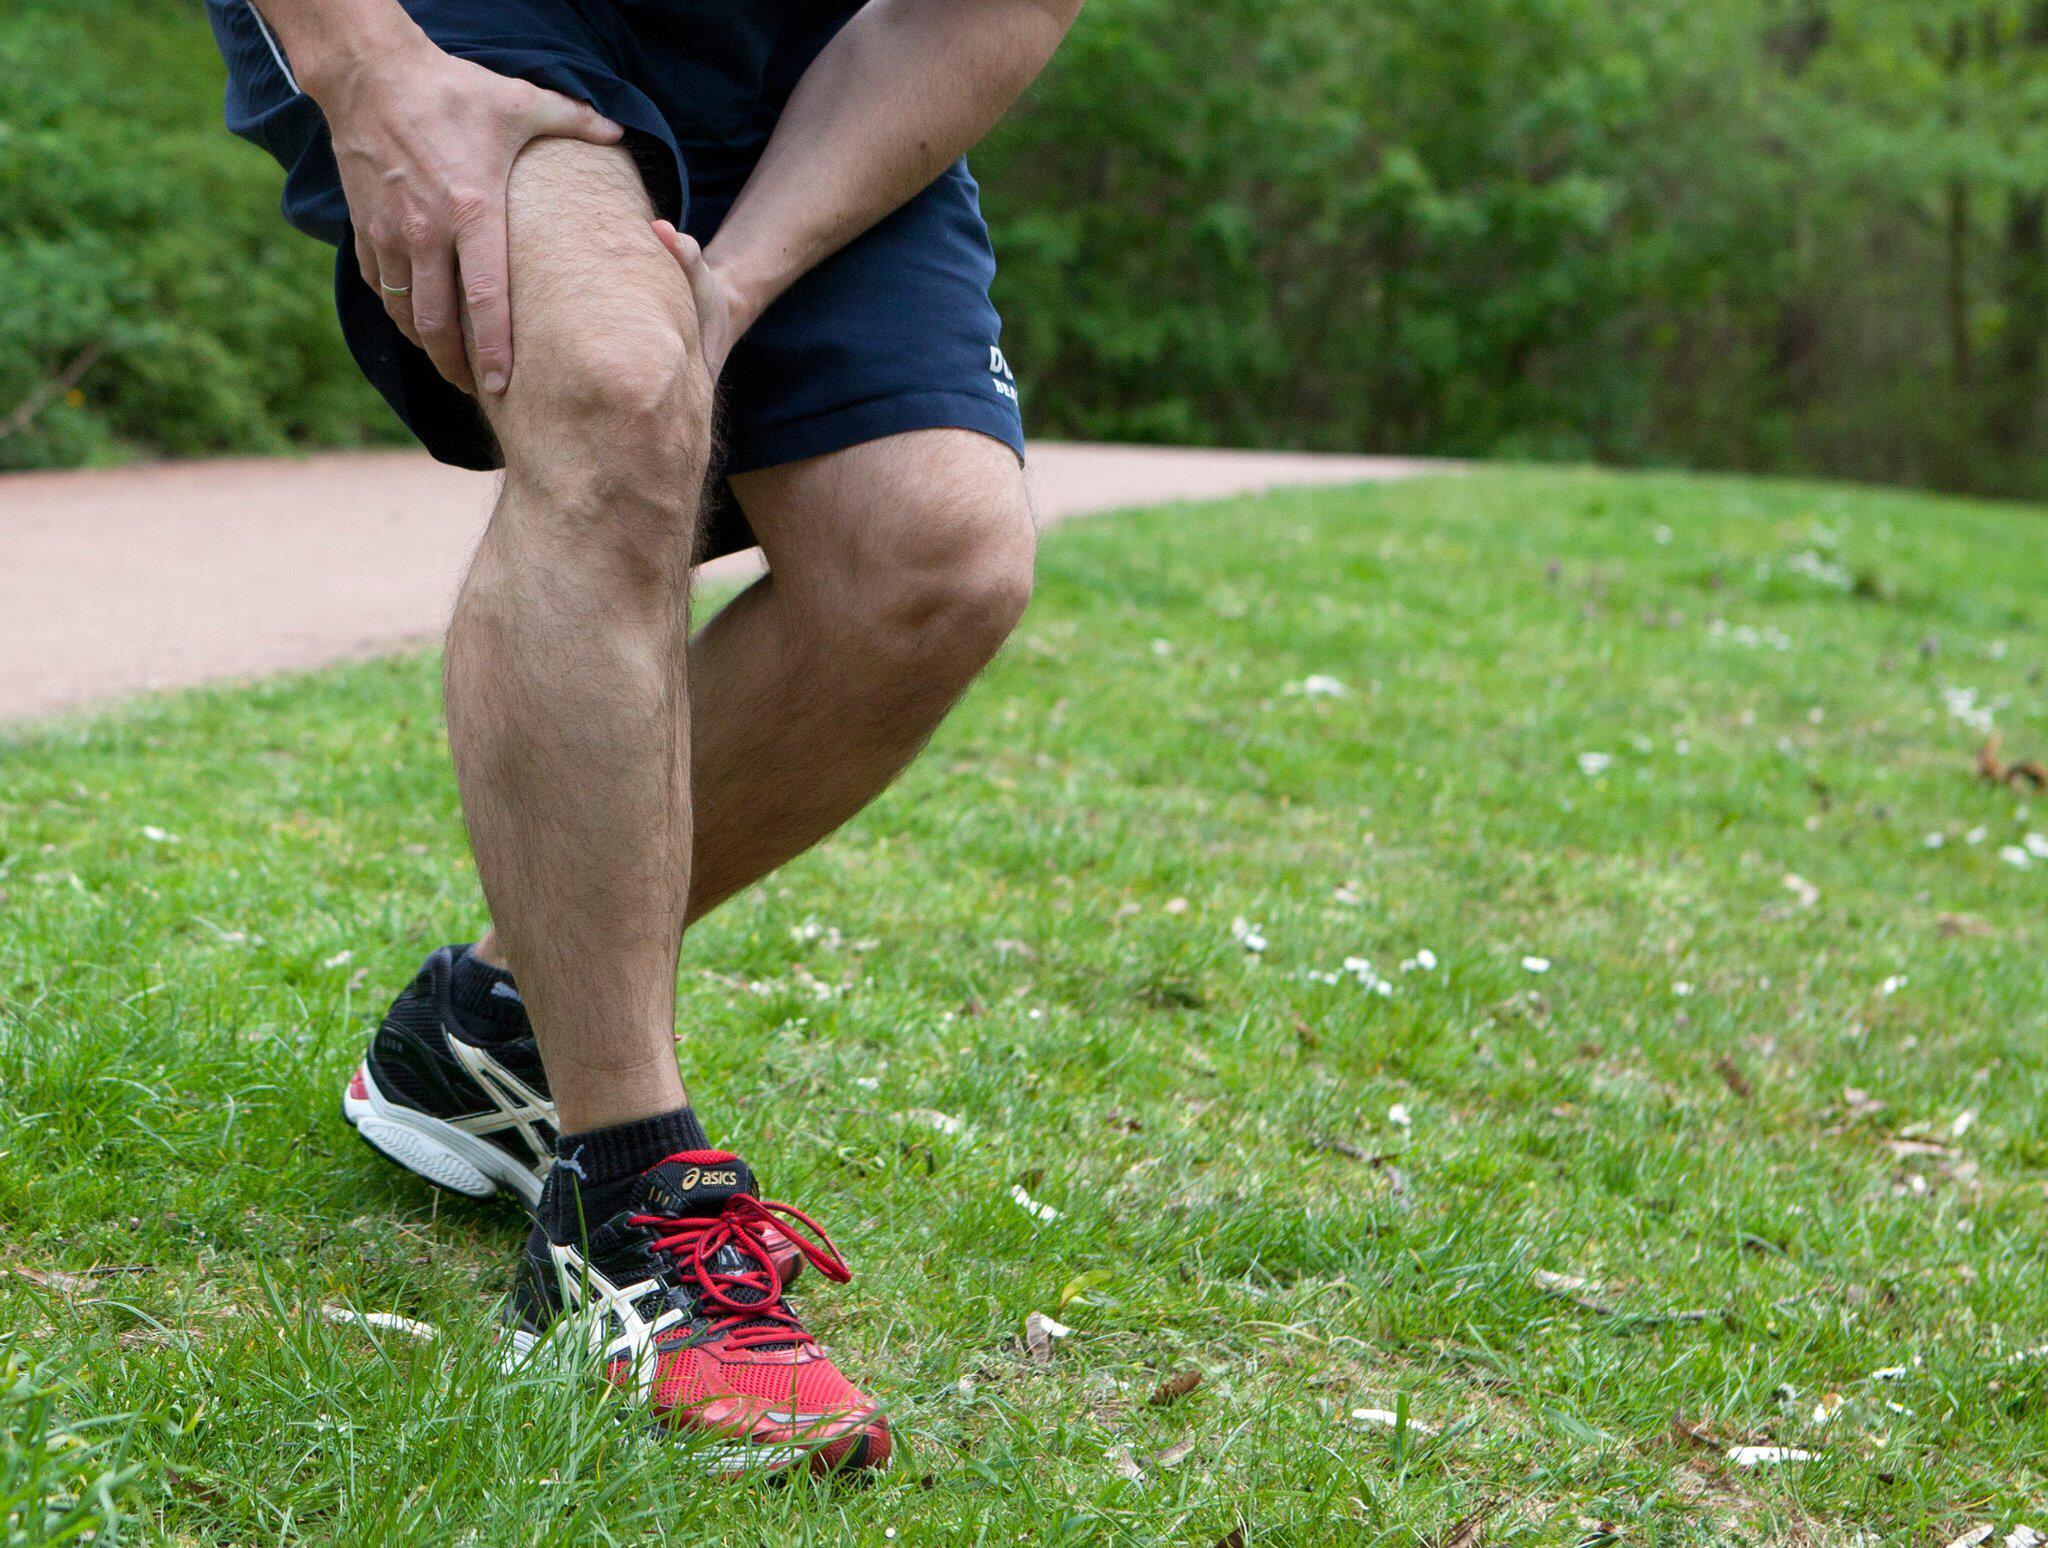 Bild zu Leiden für die Fitness:Wie sehr Training schmerzen darf